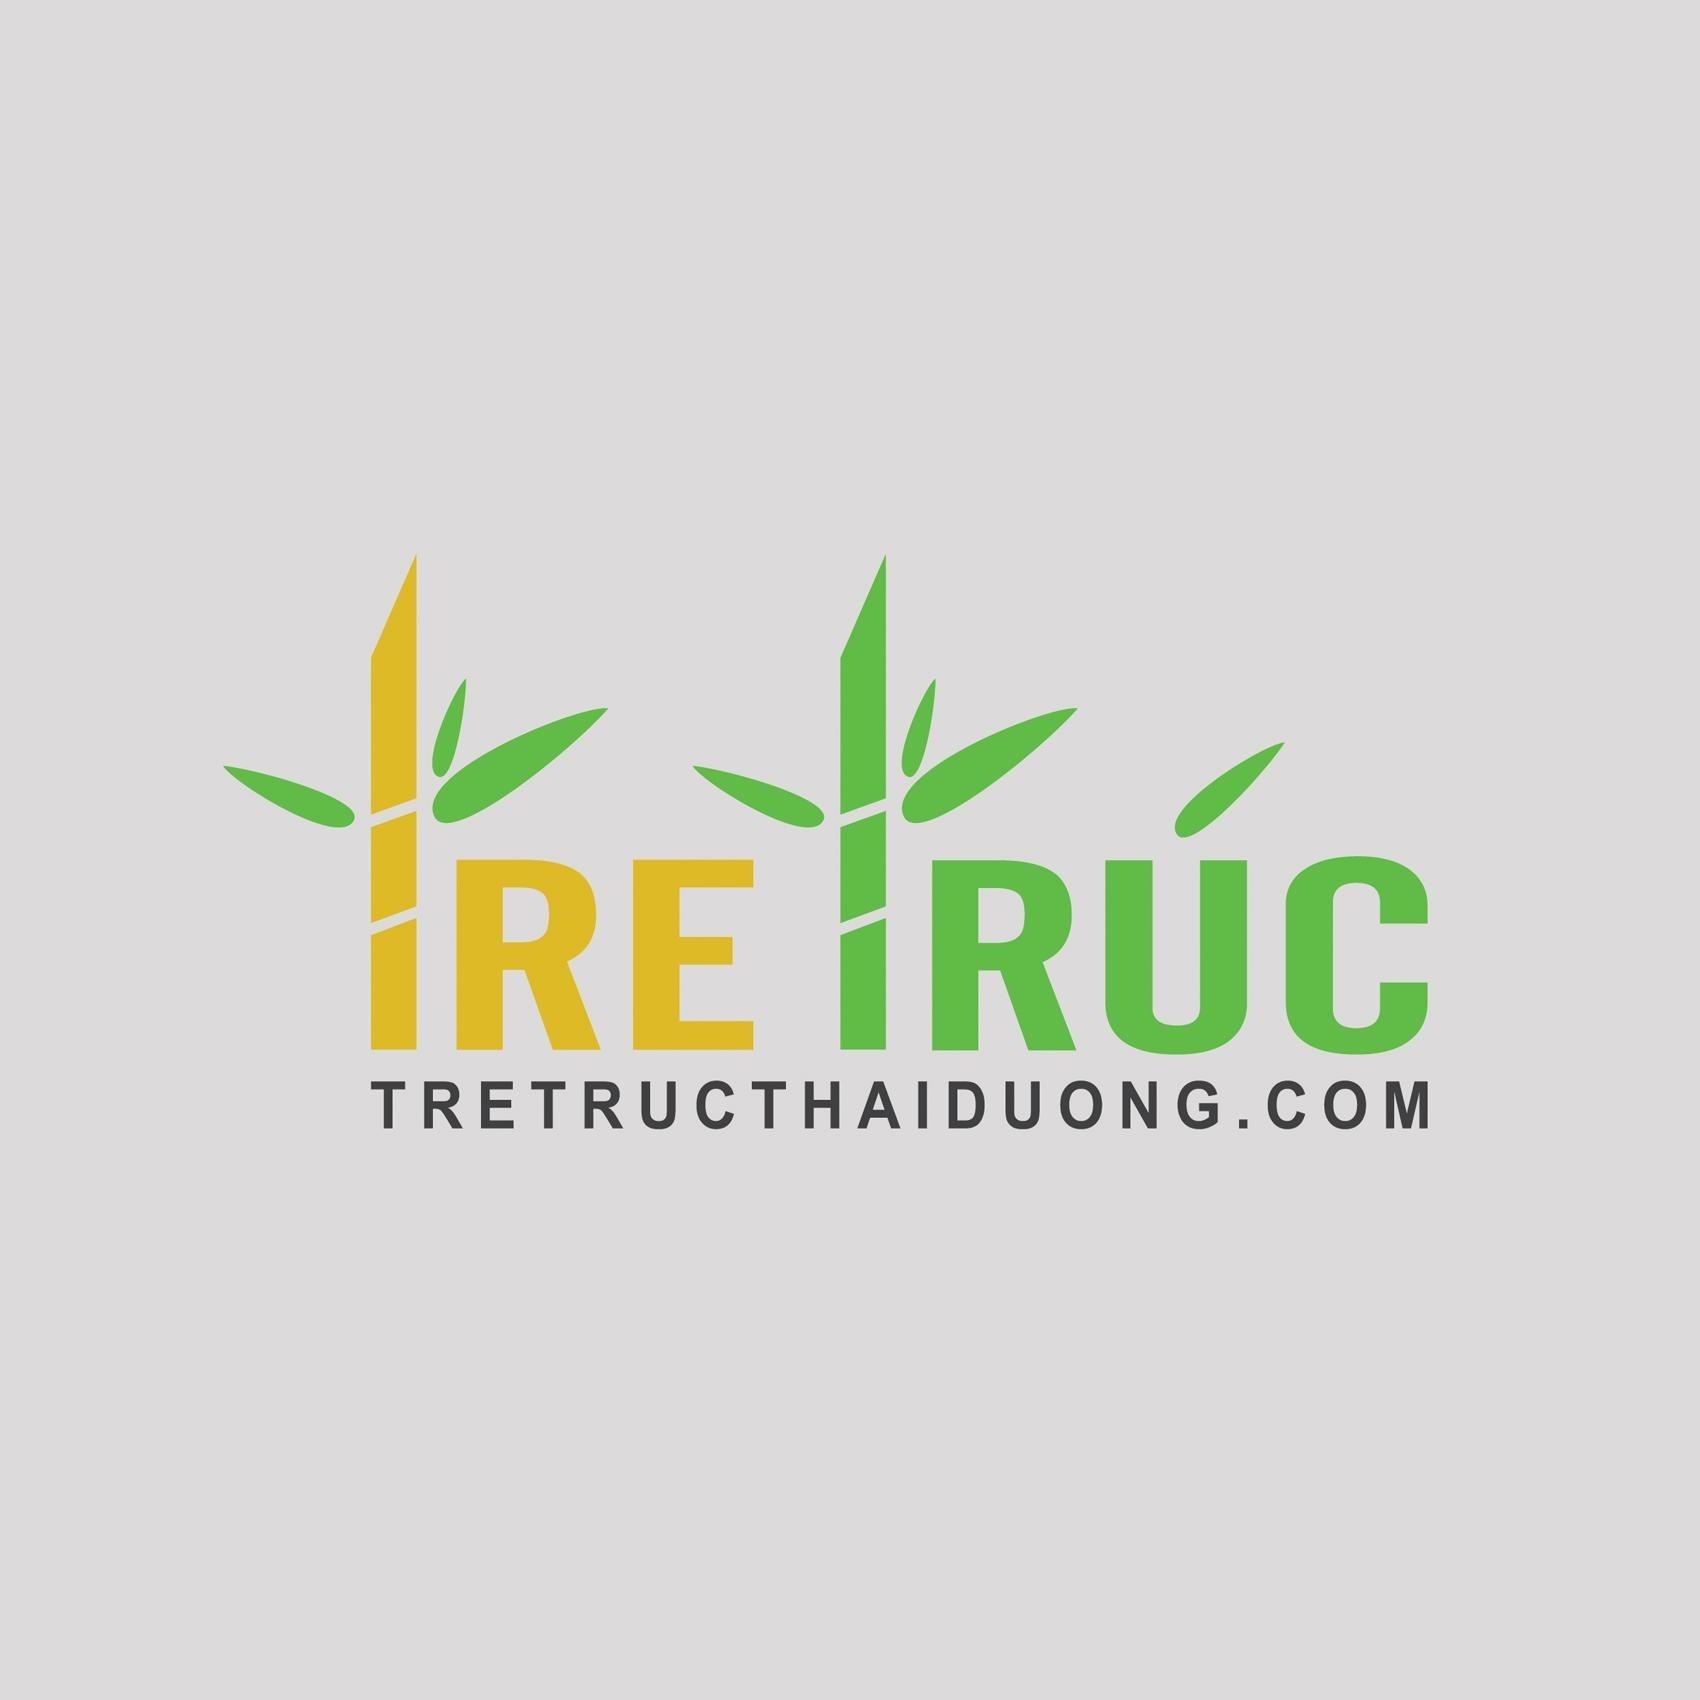 Tre Trúc Thái Dương - Chuyên các sản phẩm mỹ nghệ từ tre trúc